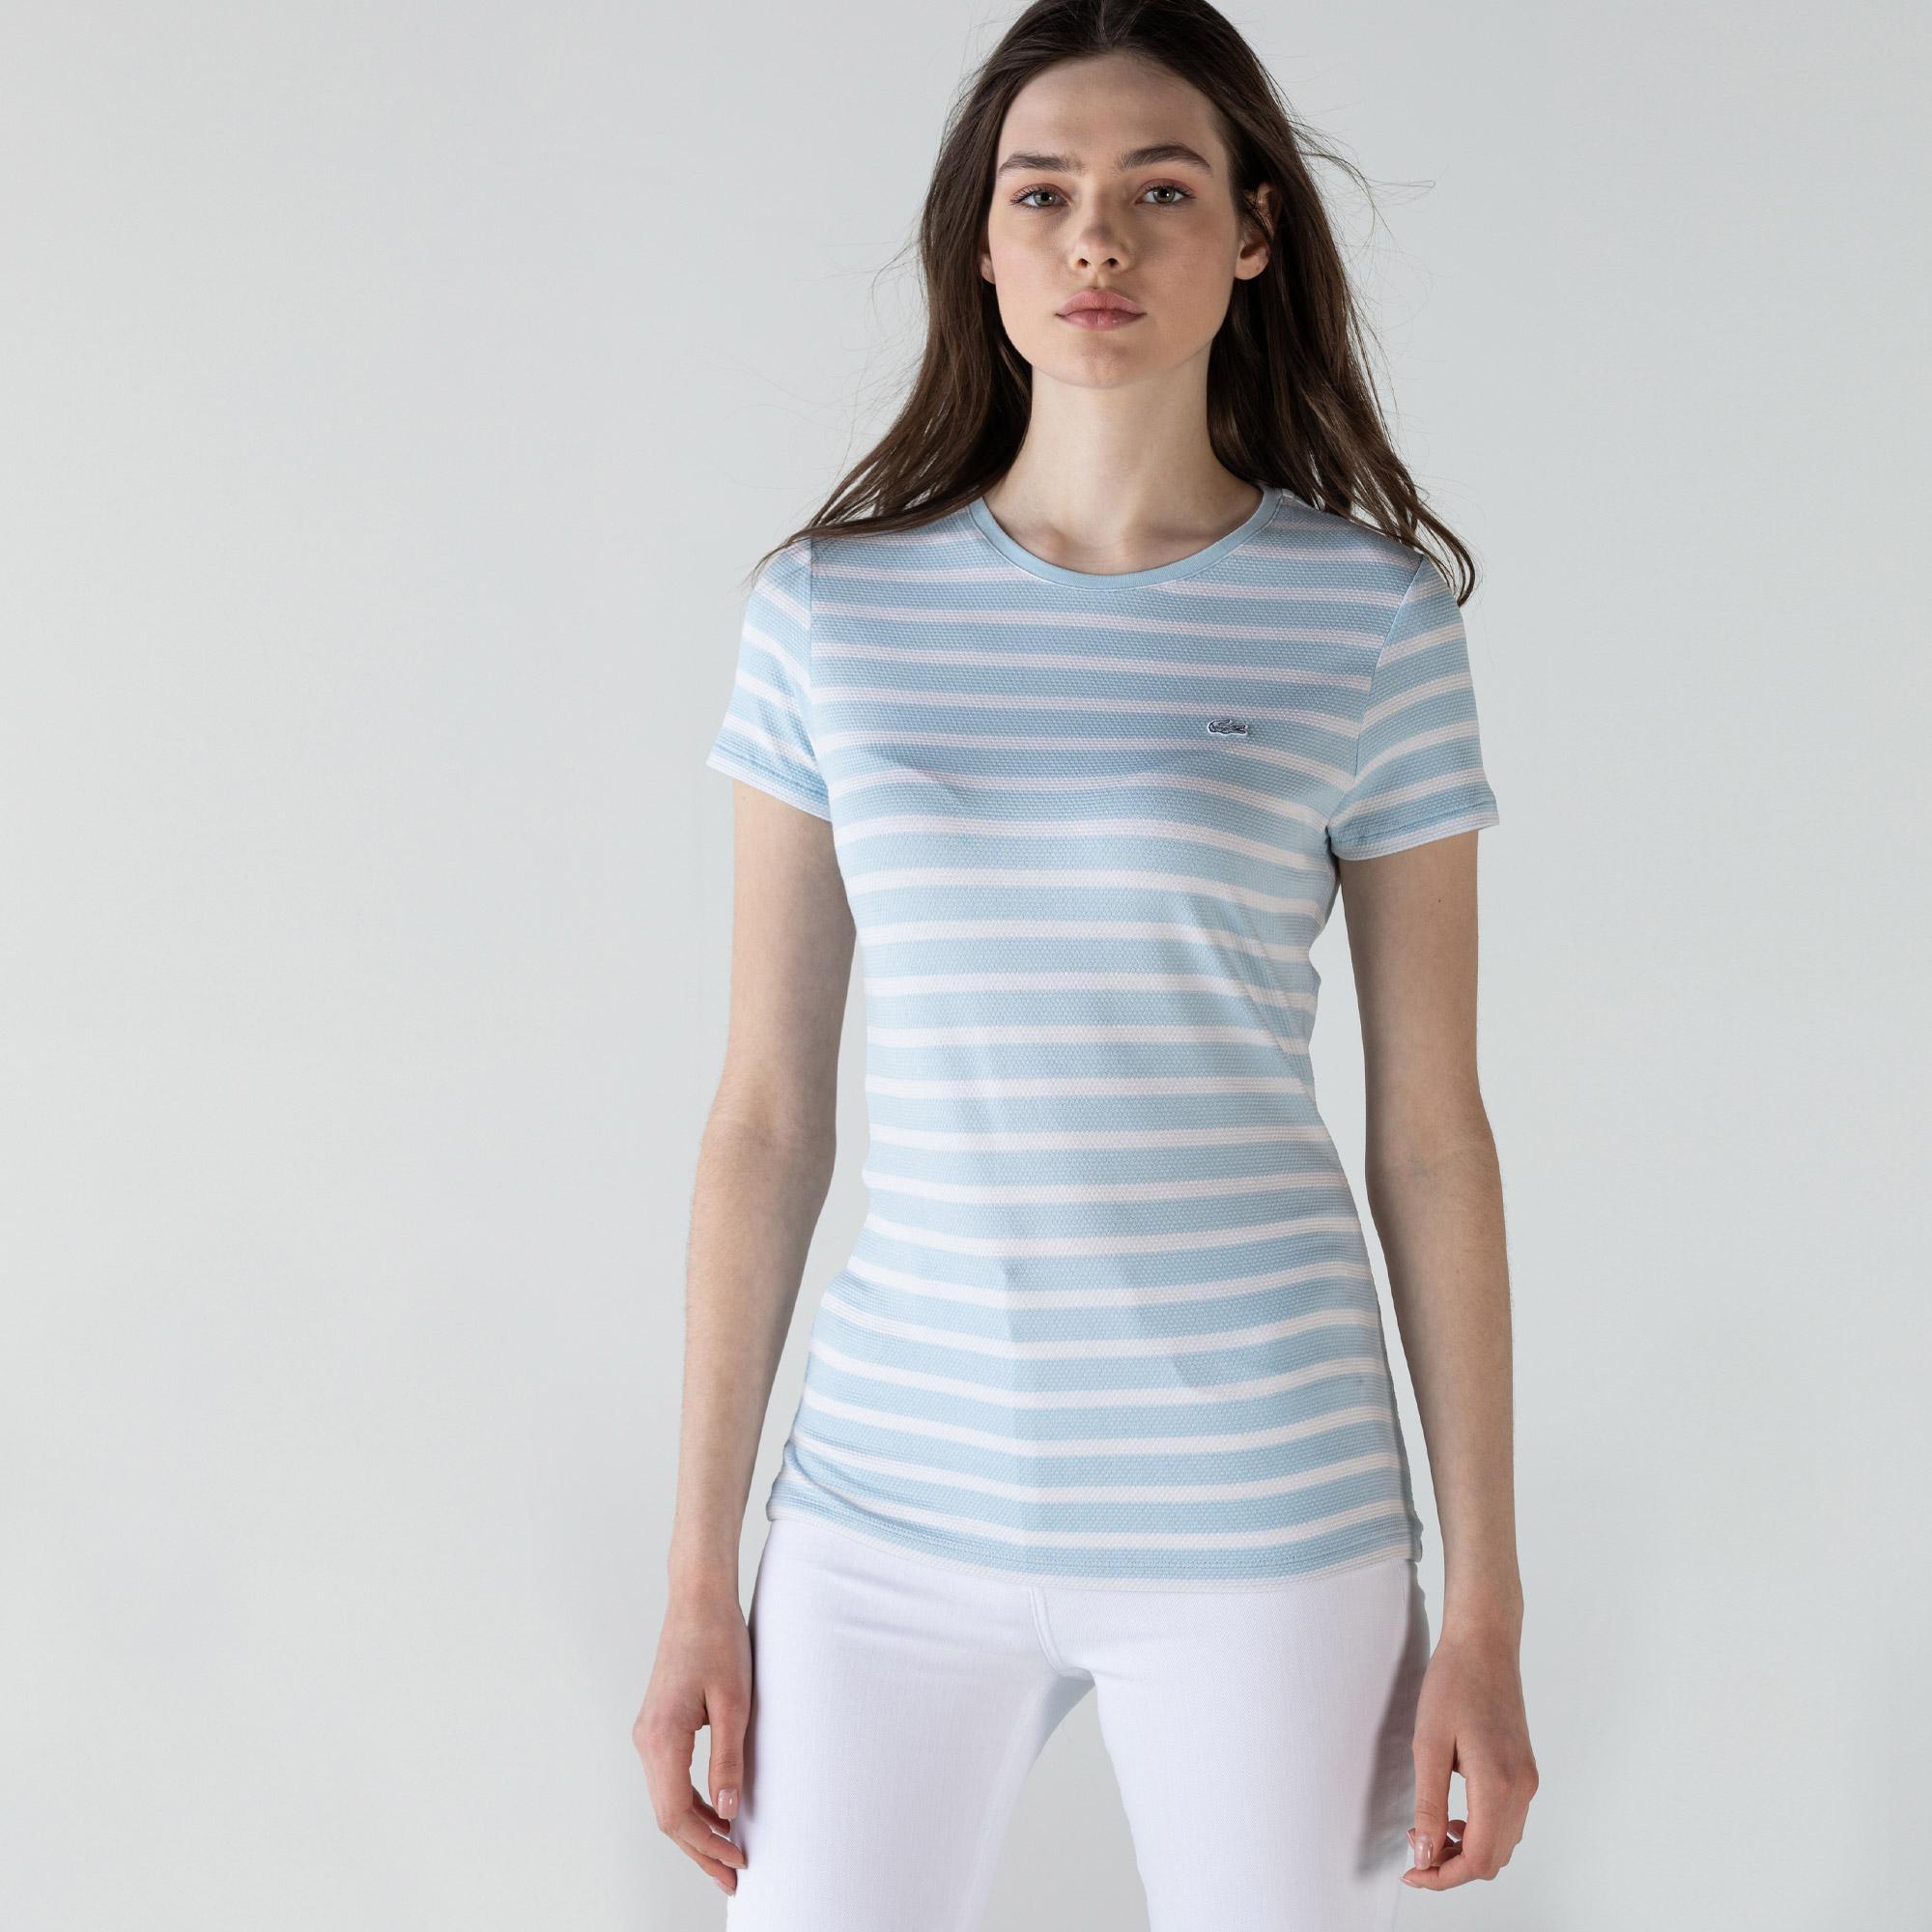 Lacoste Kadın Bisiklet Yaka Çizgili Mavi - Beyaz T-Shirt